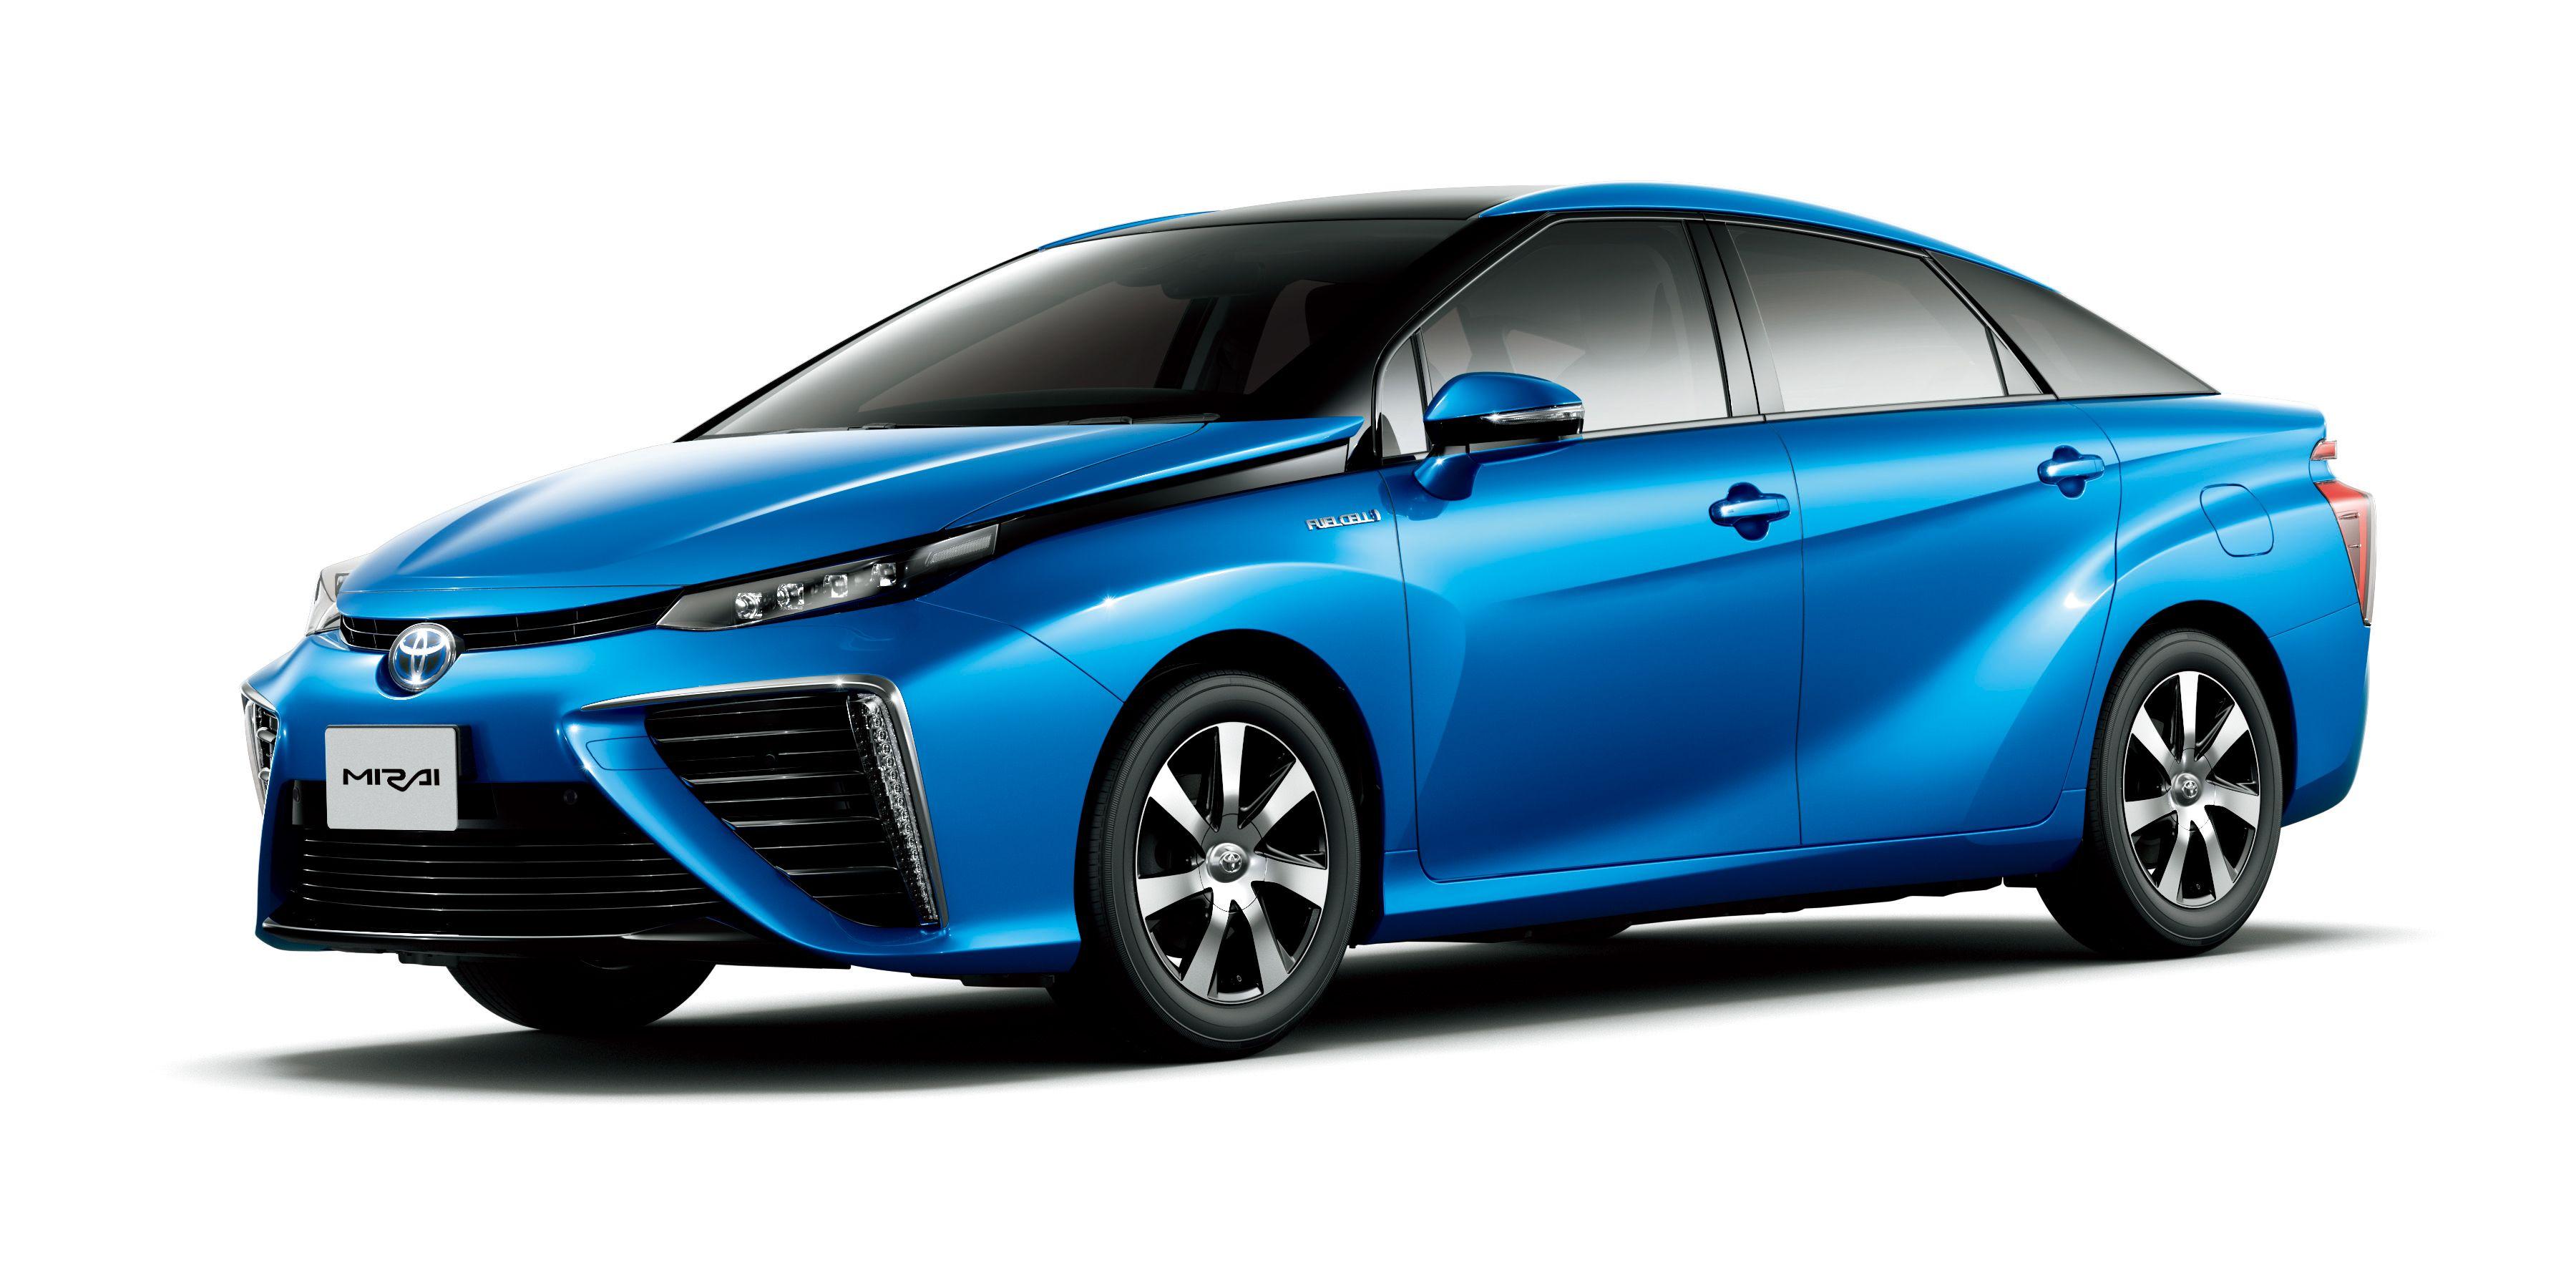 トヨタ、レンタカー車両区分と料金リニューアル HV区分をなくす 86やミライも設定